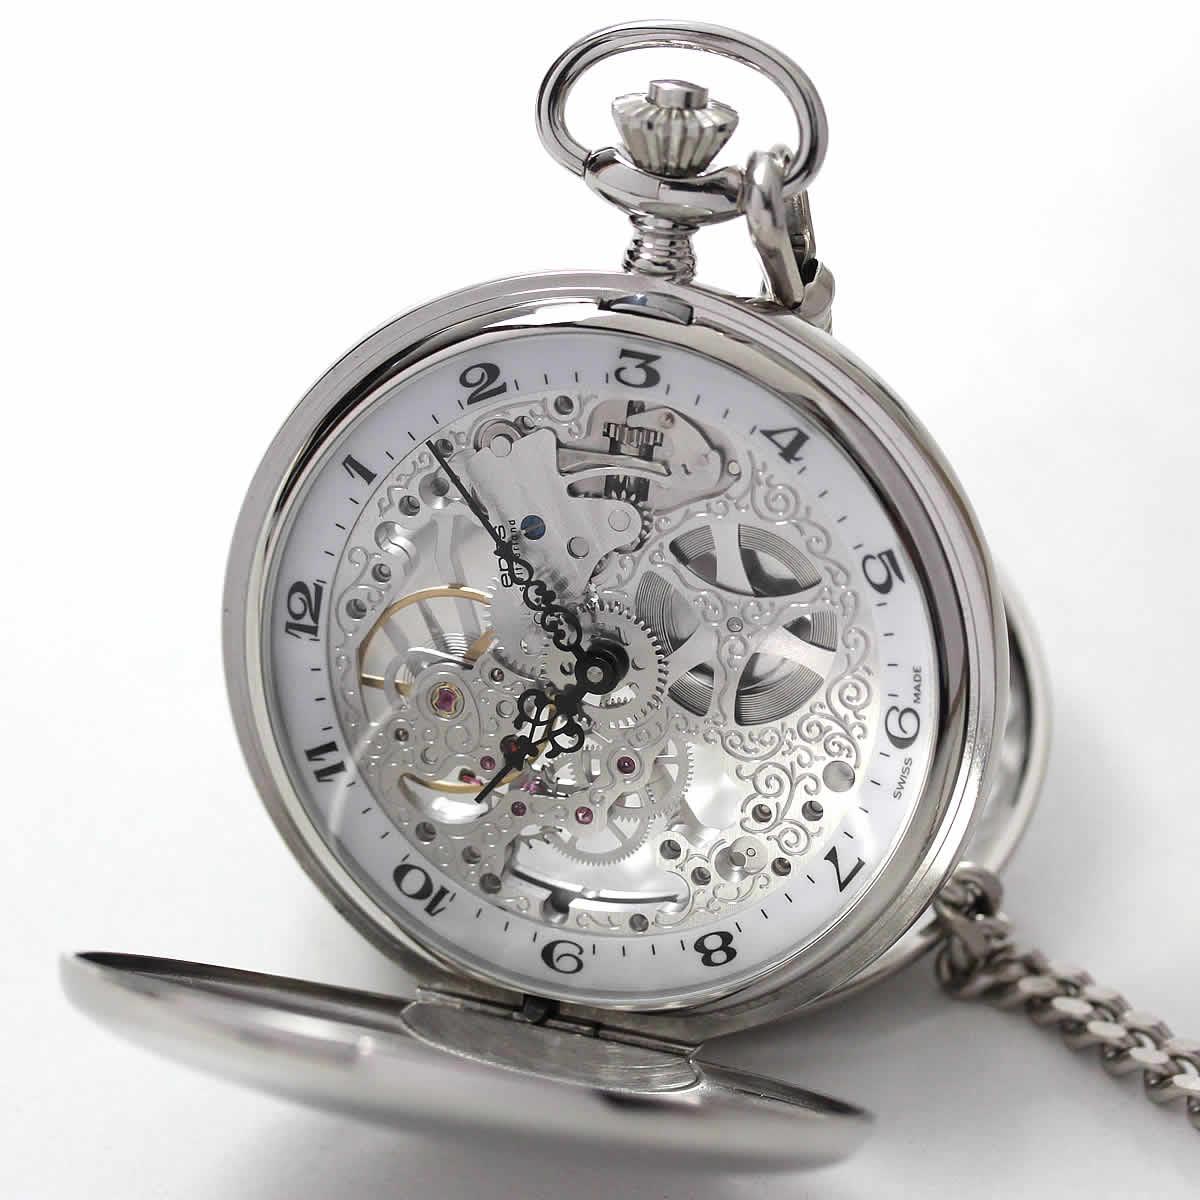 エポス懐中時計 手巻き